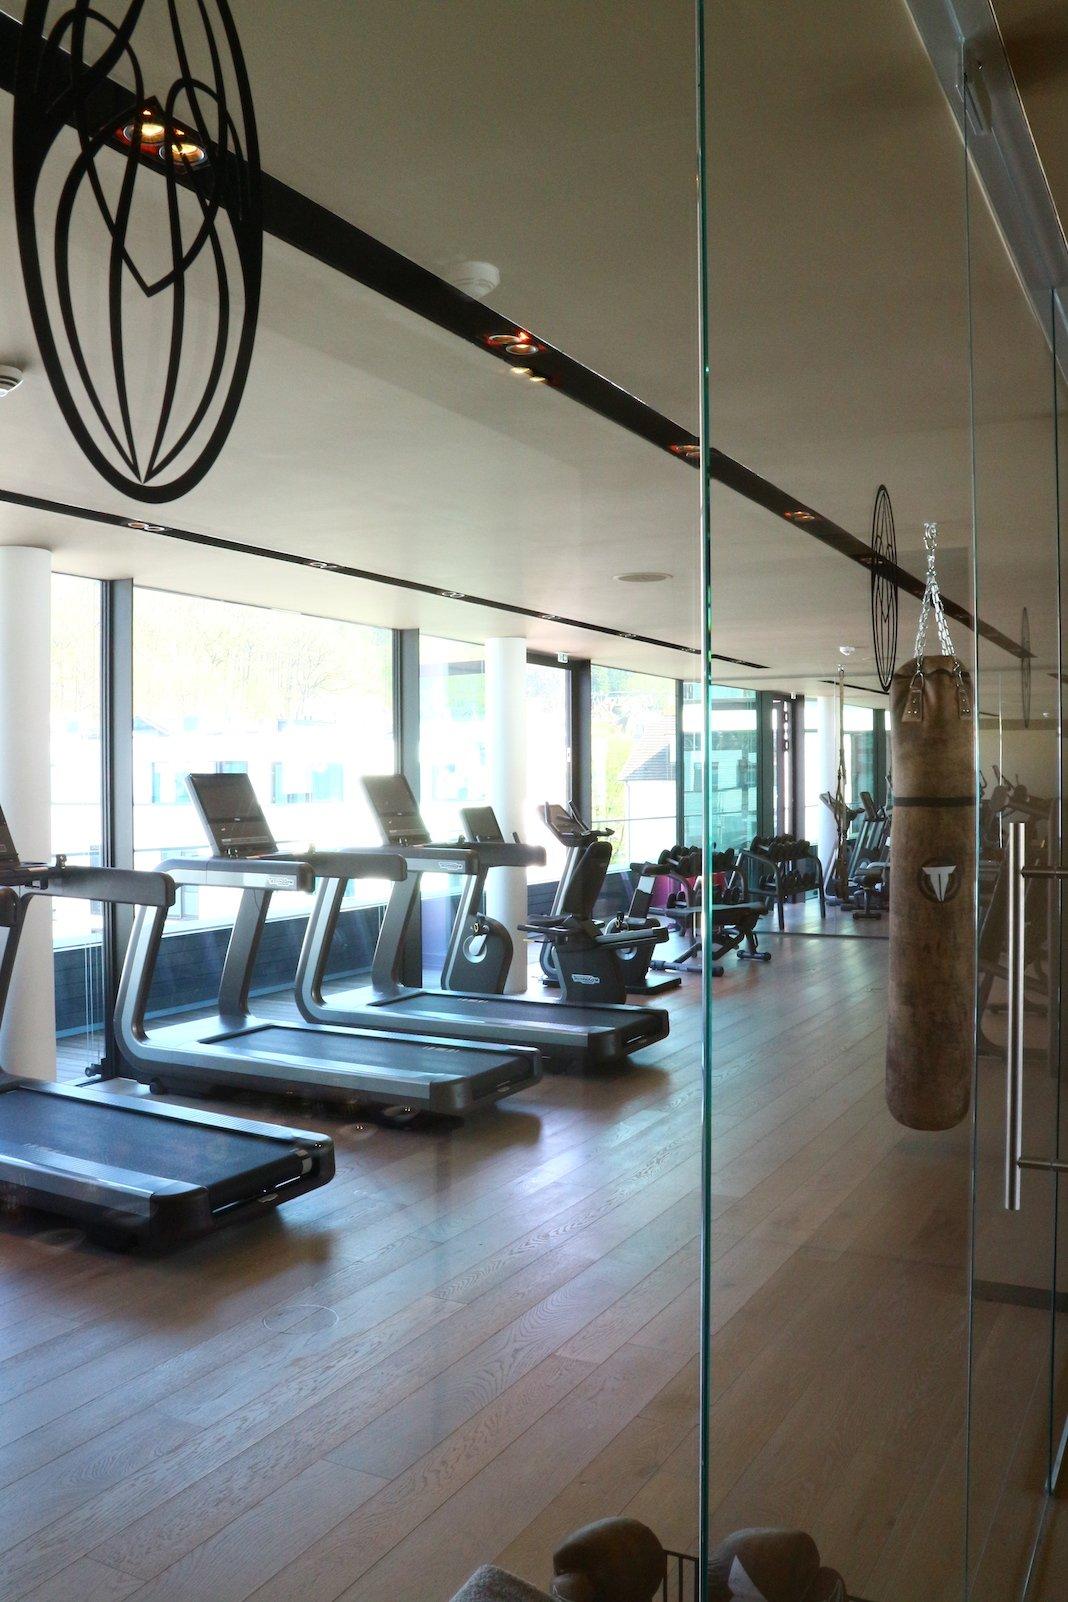 Fitnessraum im Roomers - nicht nur der Boxsack, sondern auch Laufbänder, Crosstrainer und mehr gibt es hier